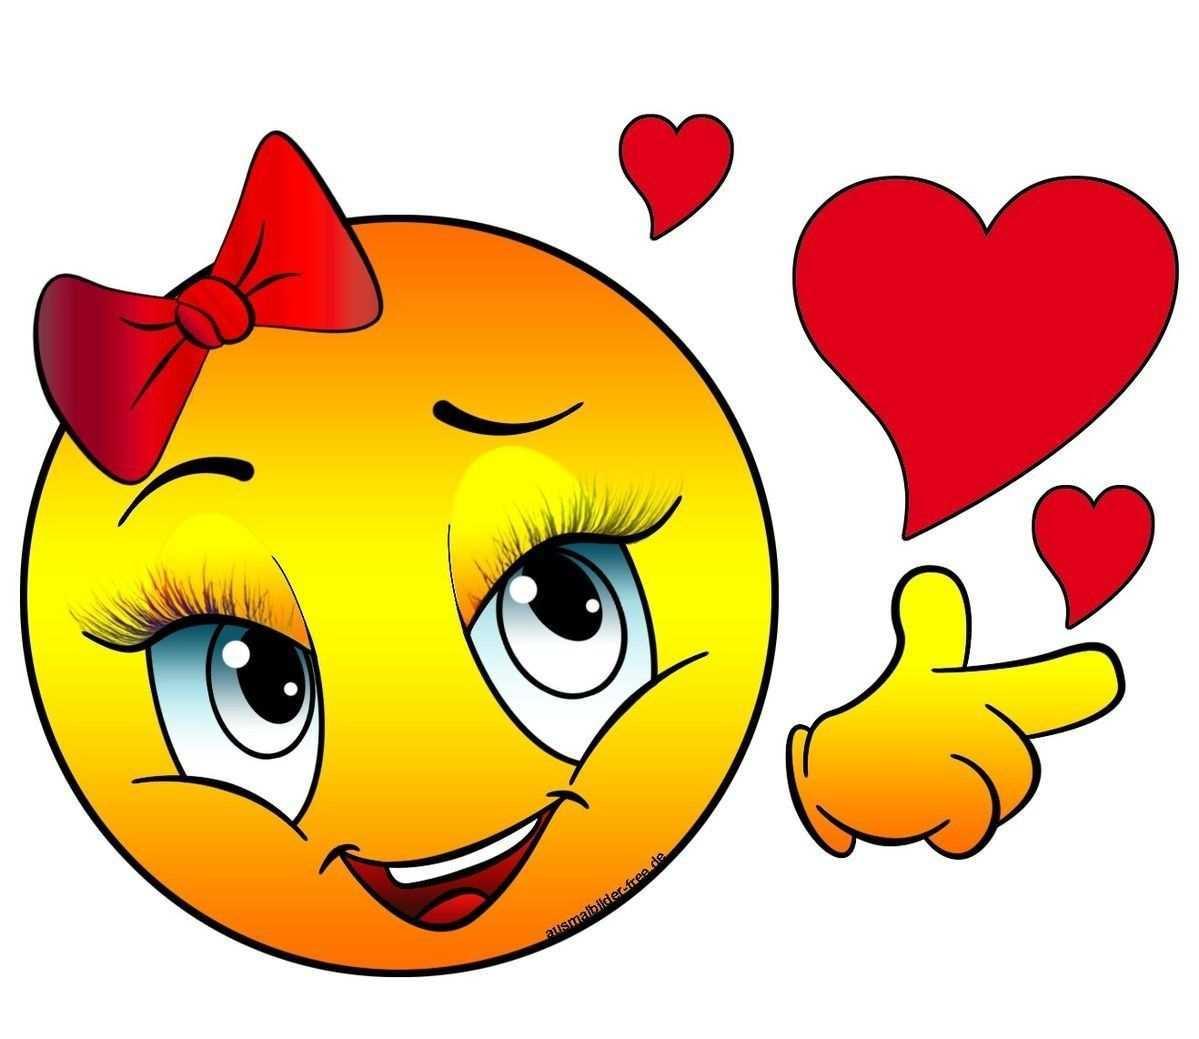 Pin Von Xime Auf Emoji Inc Smiley Emoji Bilder Kuss Smiley